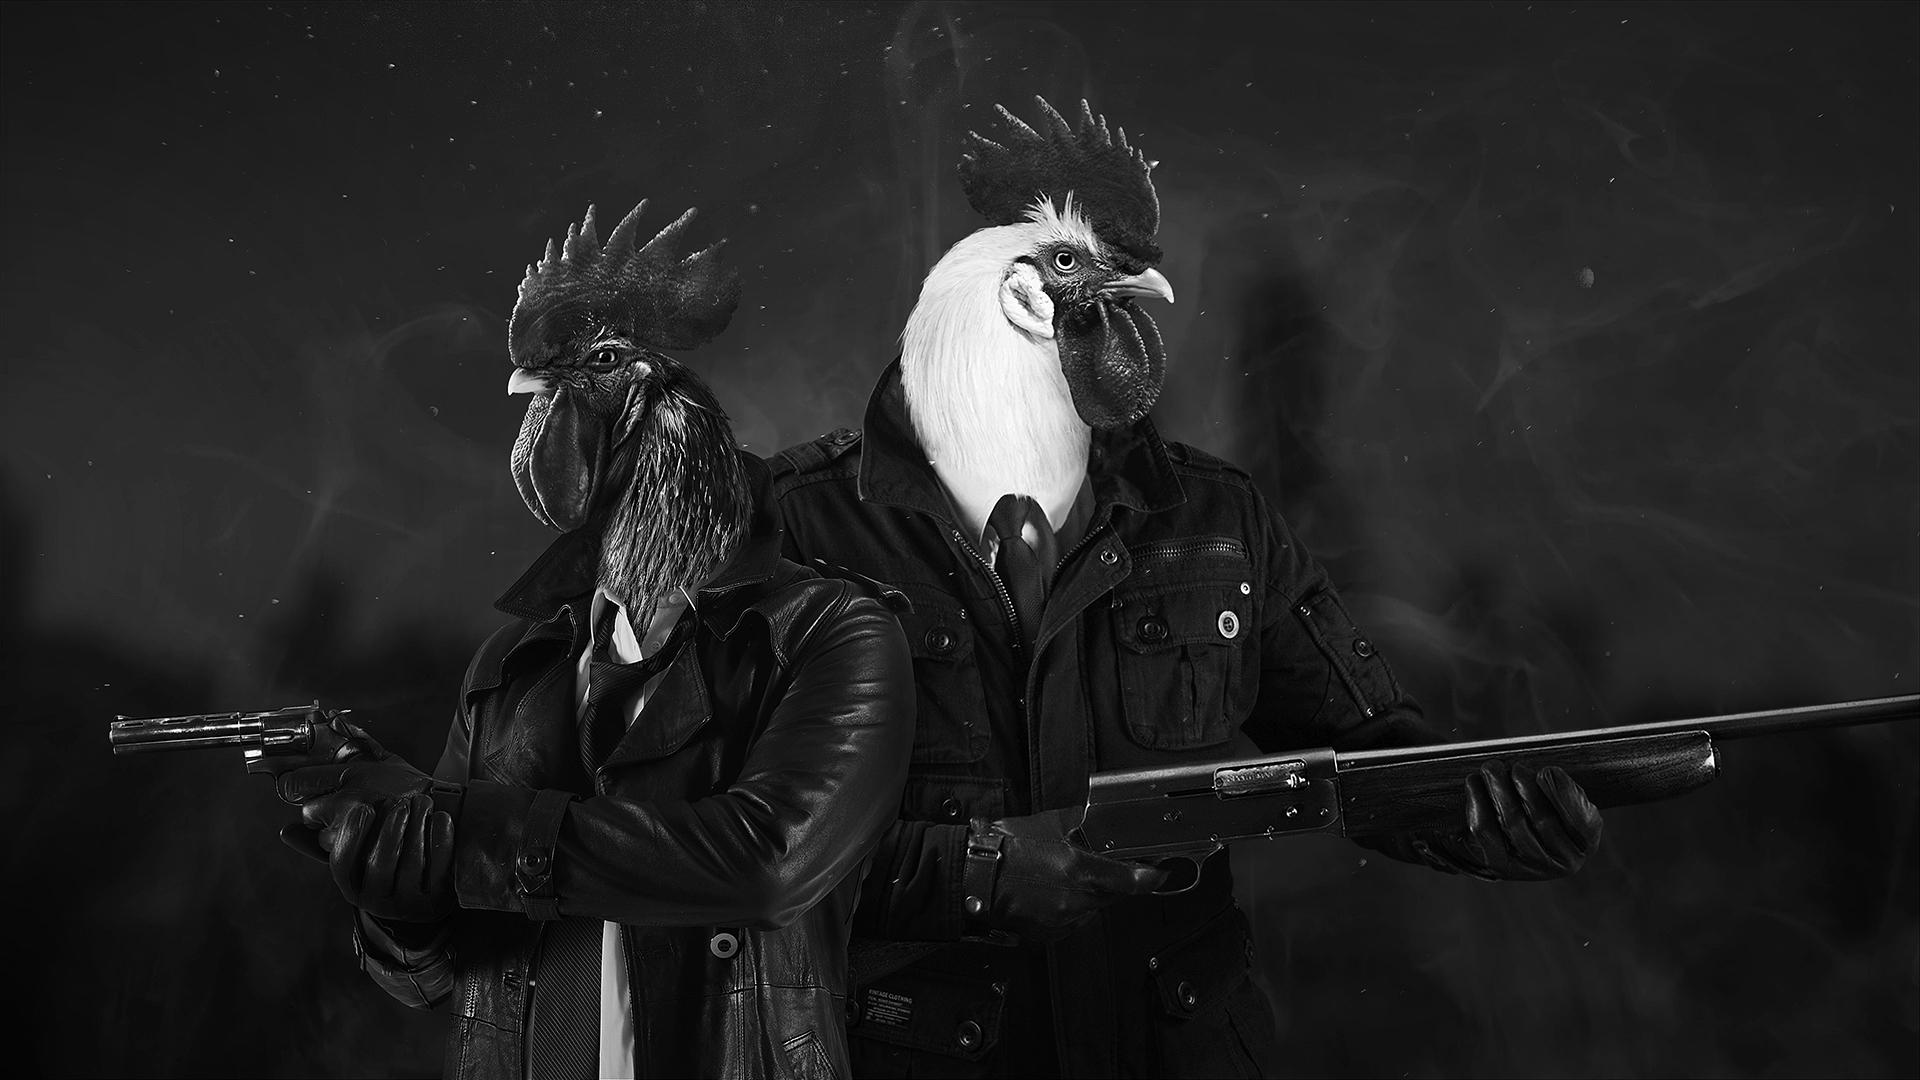 chicken-police-art-2